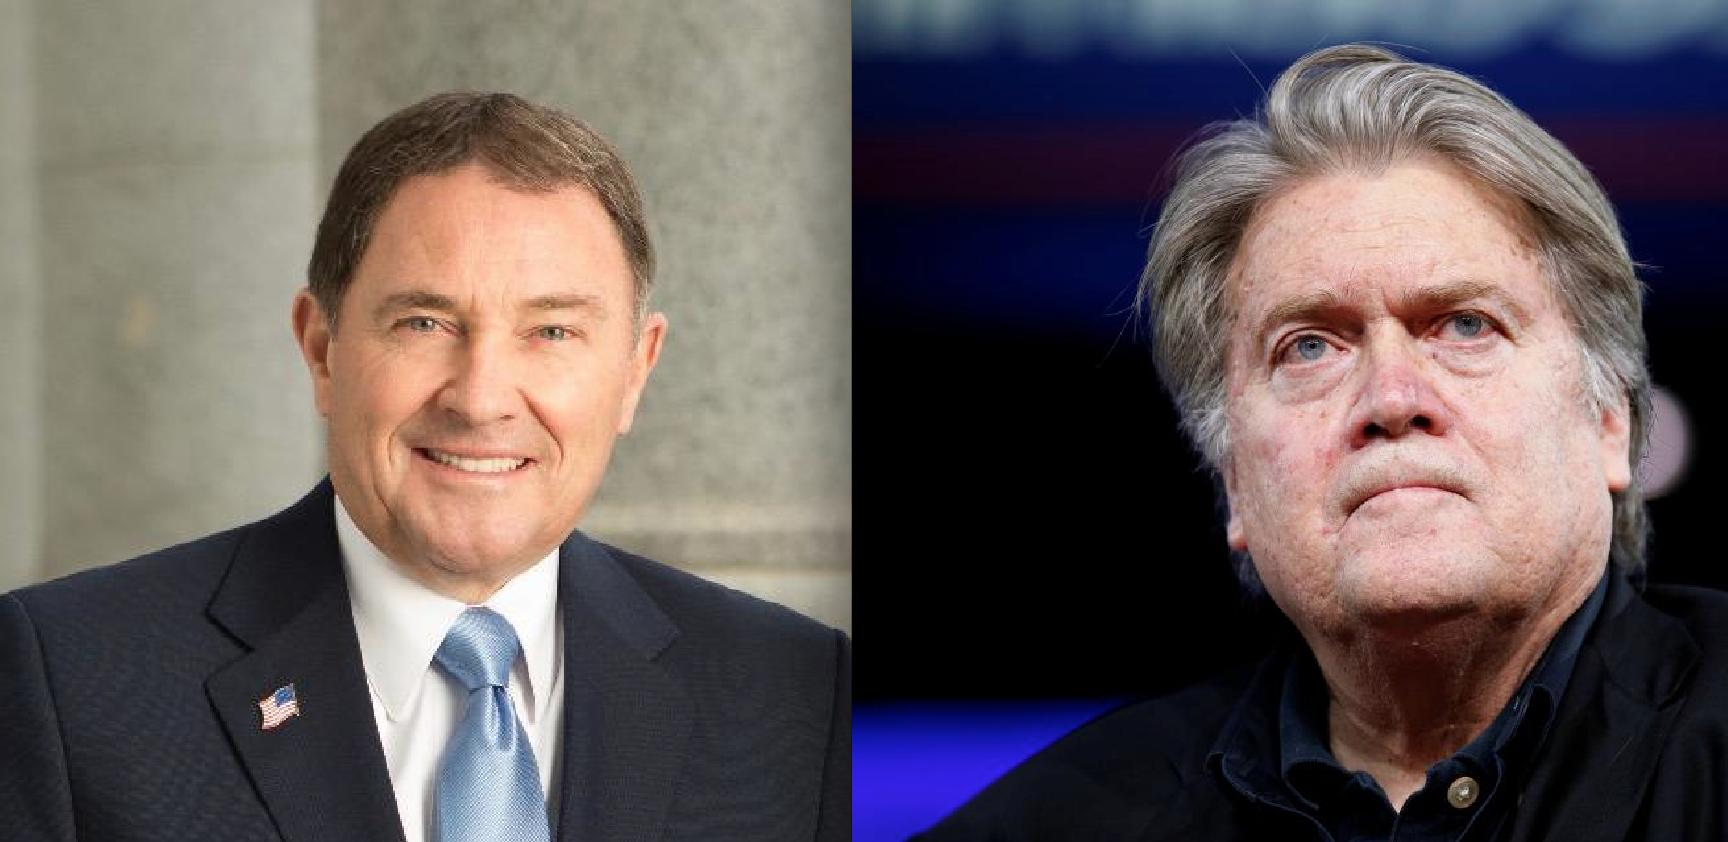 Conservative Utah Gov. Gary Herbert Rips Steve Bannon a New One For His 'Mormon Bigotry'